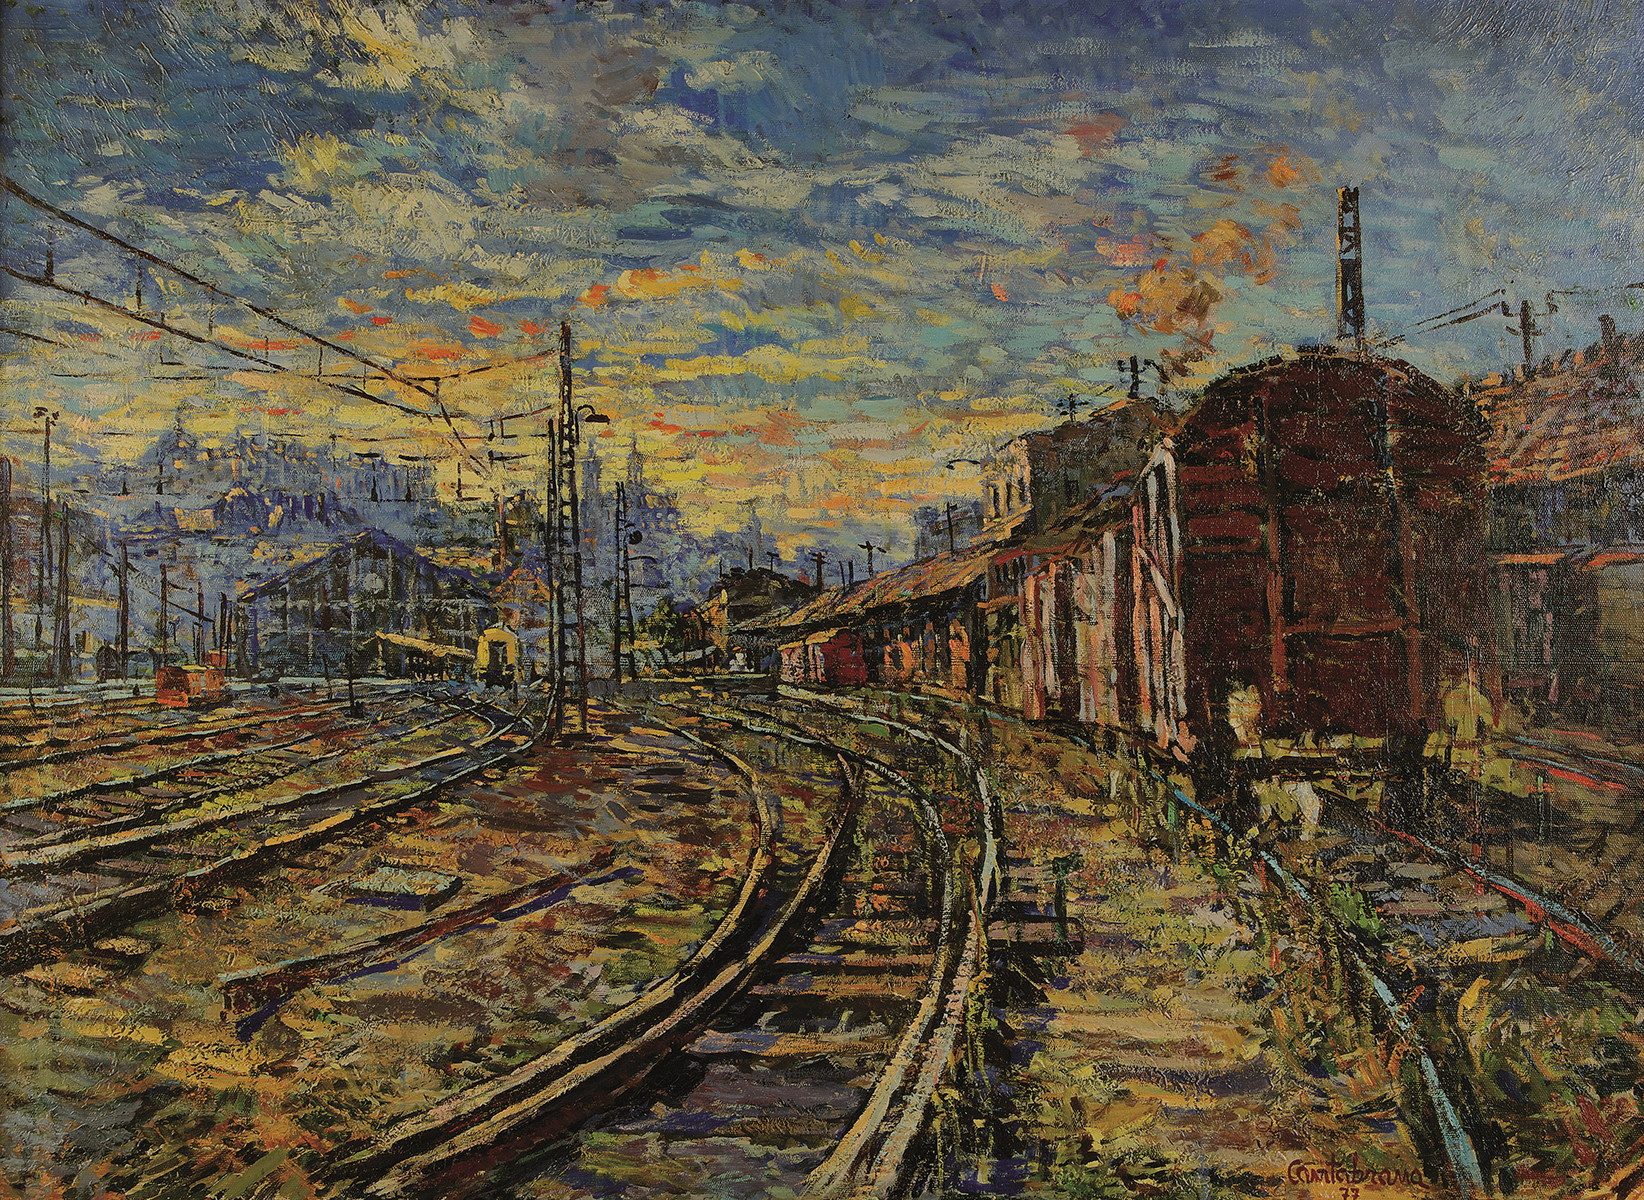 El amanecer oleo sobre lienzo 81x100 cm Estacion del Norte, Madrid